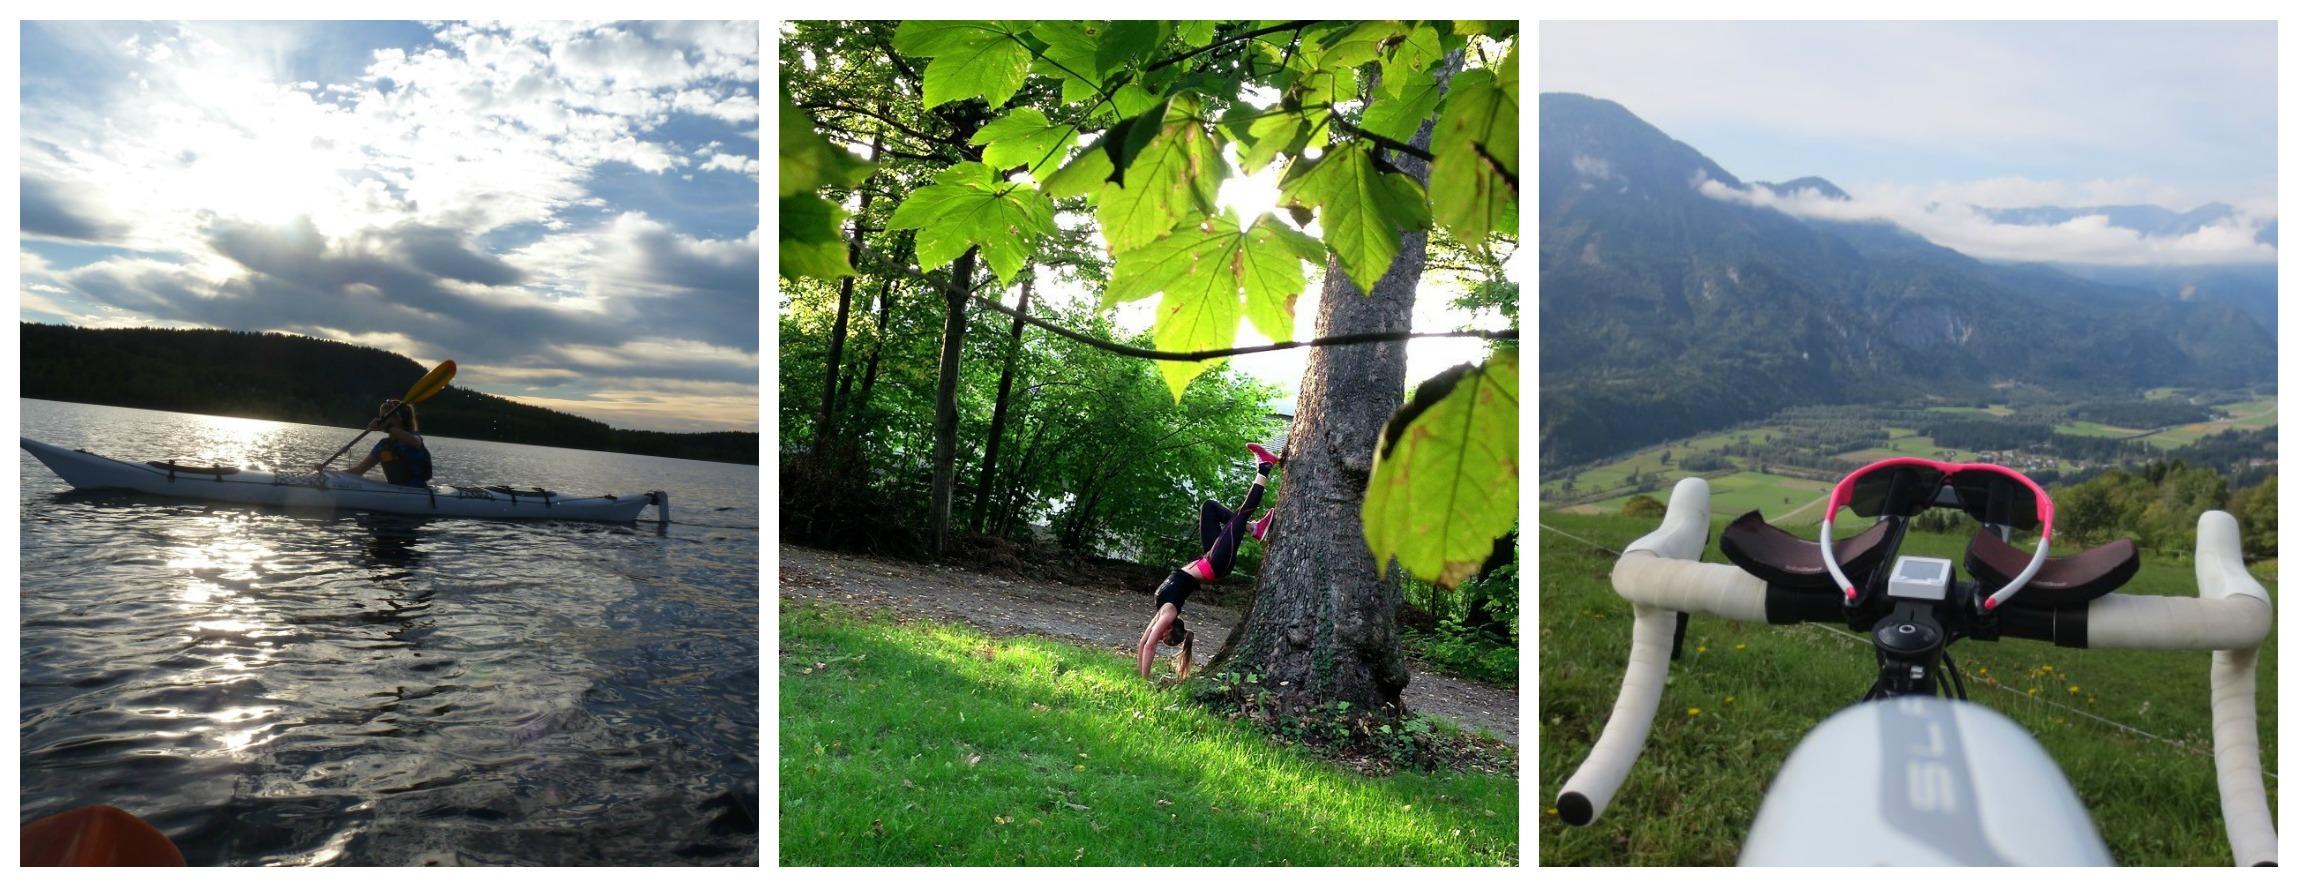 fitnessblog-fitness-blog-blogger-österreich-klara-fuchs-graz-blogging-blog-sport-lifestyle-foodblog3